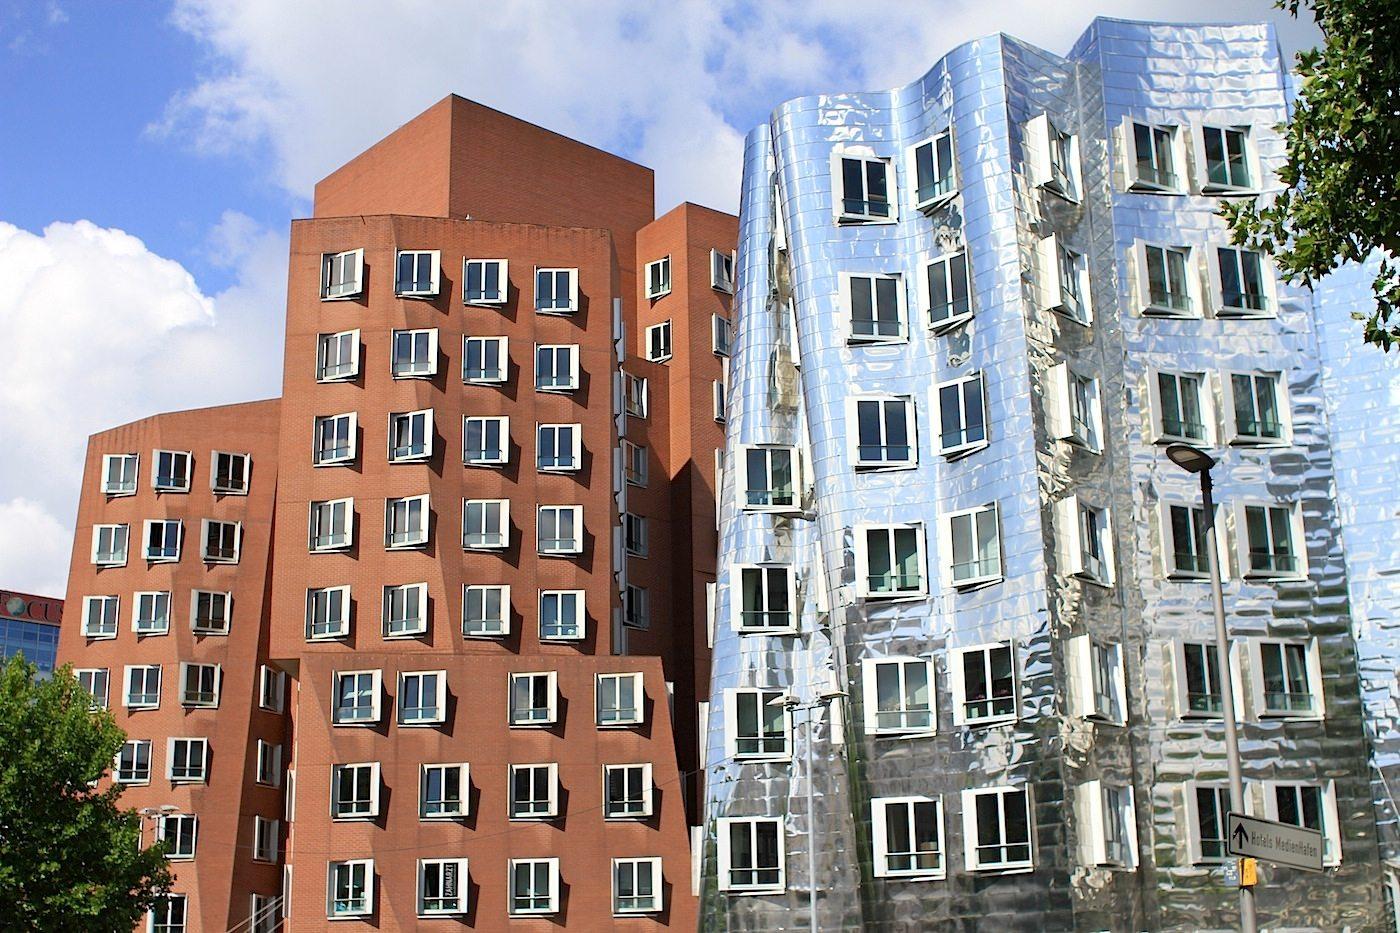 Neuer Zollhof 1–3.  Haus A: roter Klinker, Haus B: Edelstahl.